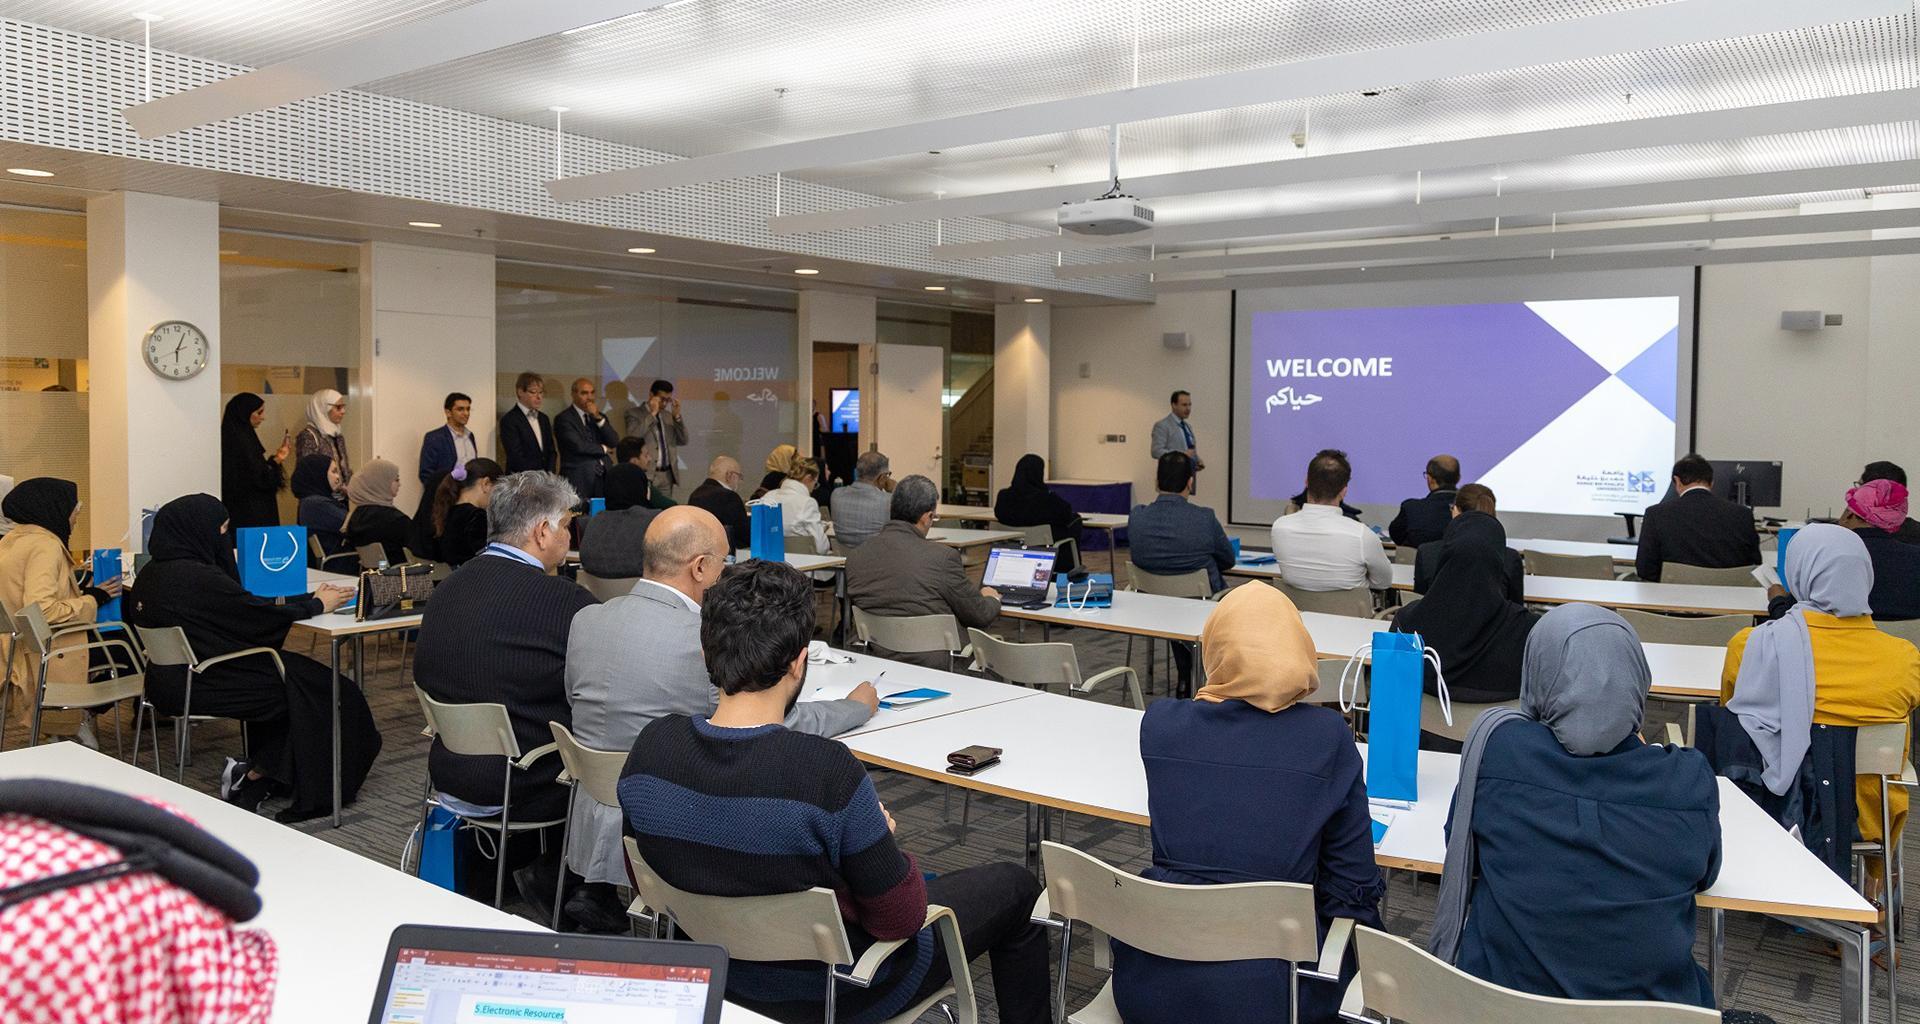 كلية العلوم الإنسانية والاجتماعية تعقد جلسة تعريفية لدفع حملة القبول